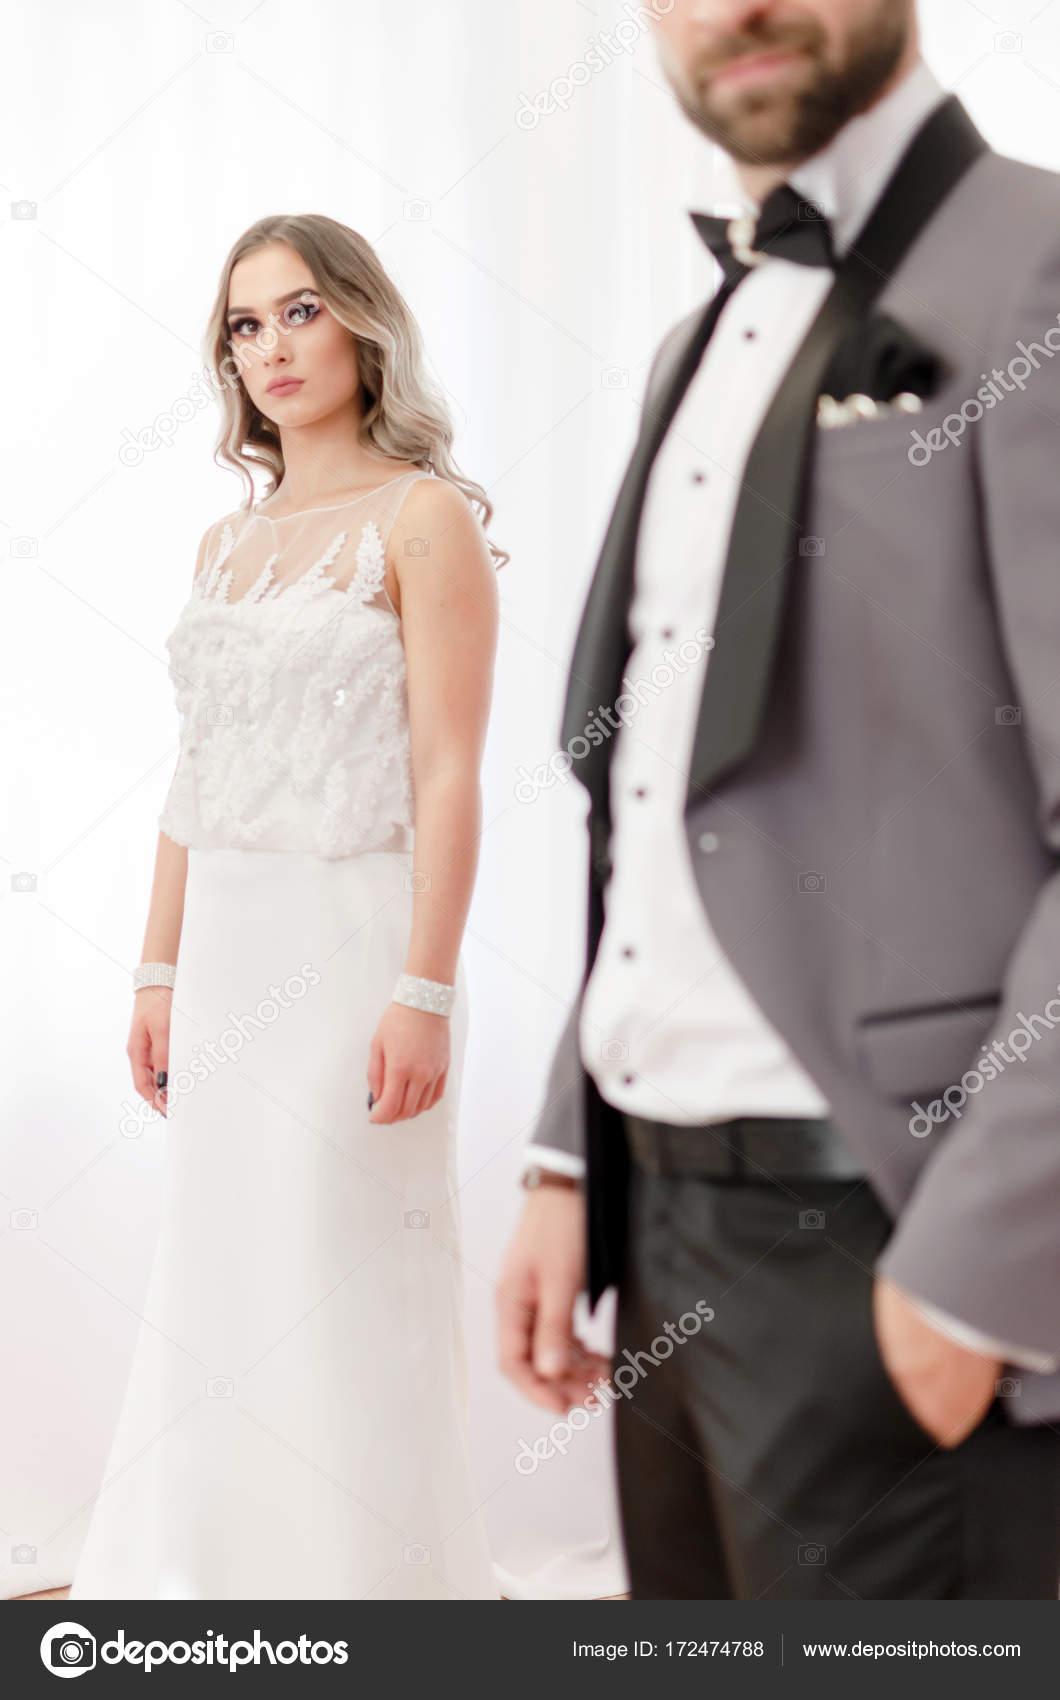 Hochzeitspaar in Eleganz Kleidung — Stockfoto © focusandblur #172474788